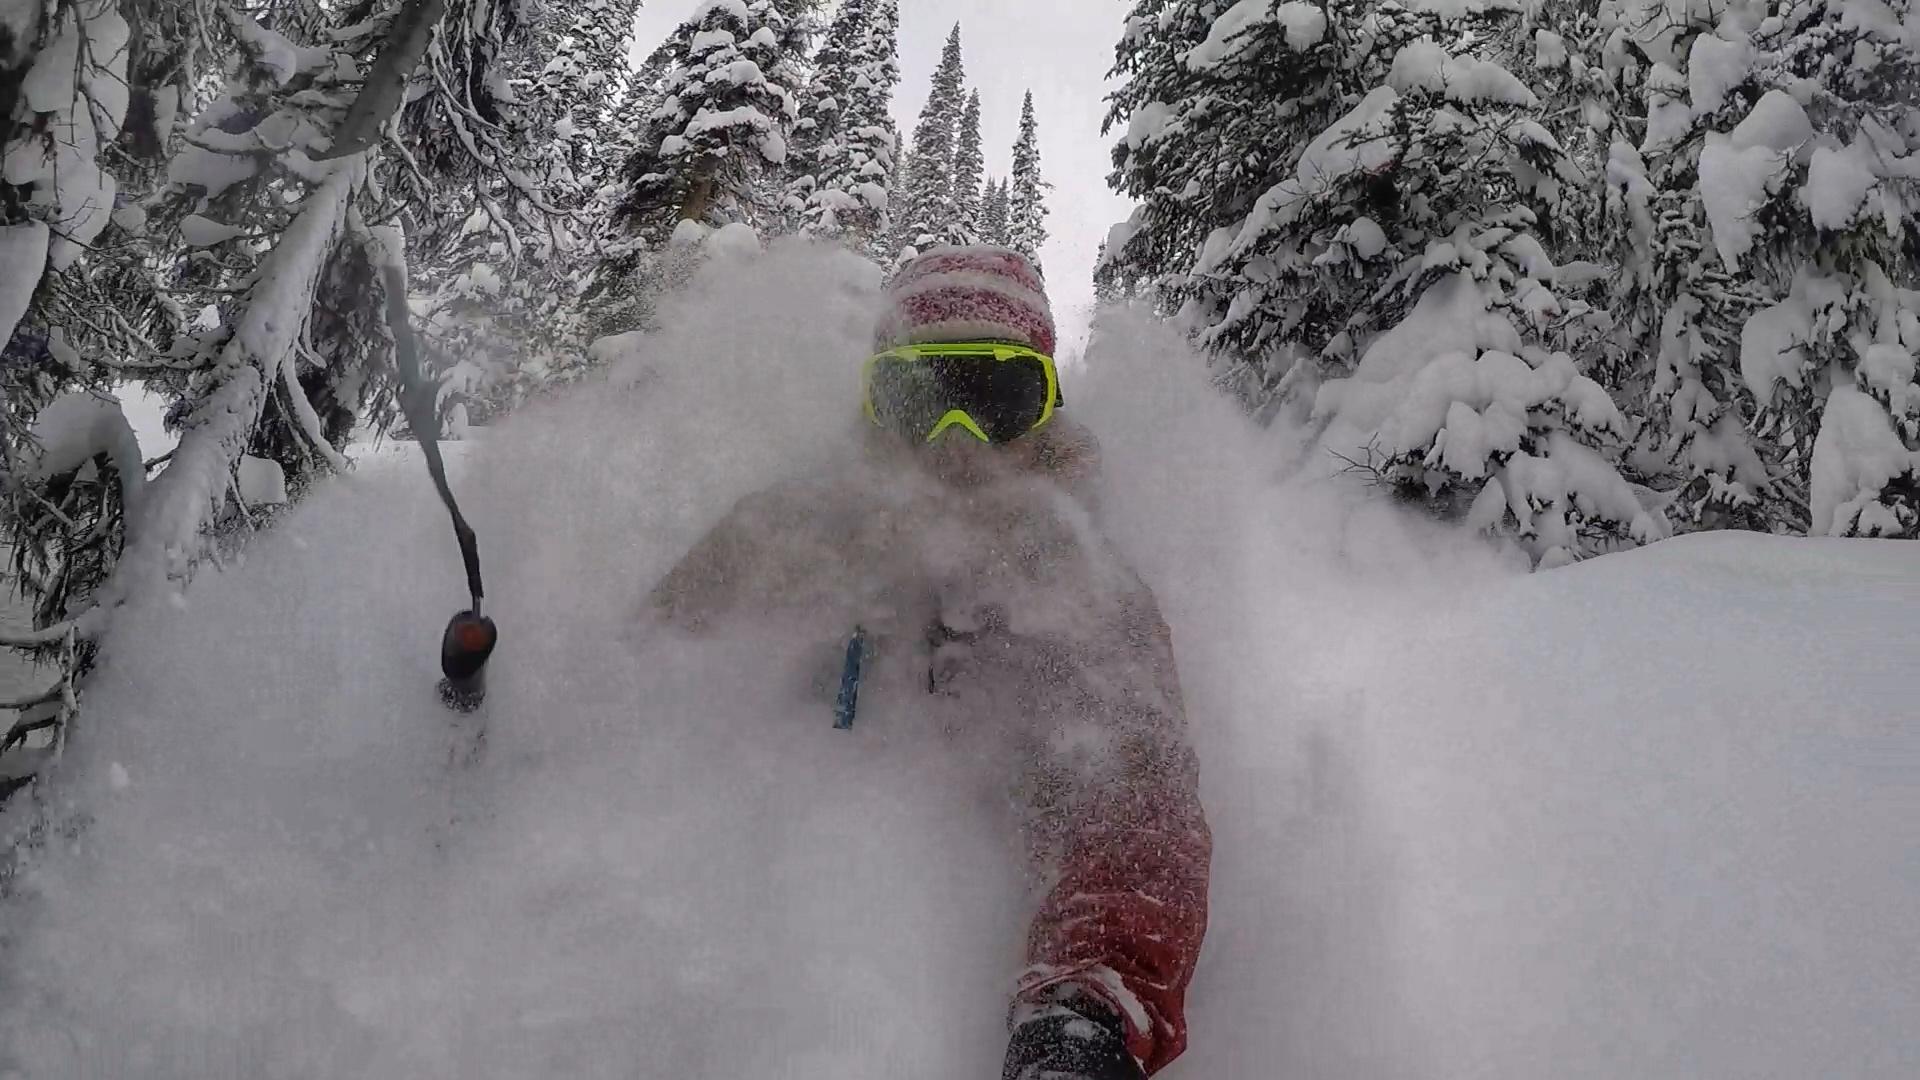 Powder Matt image.jpg